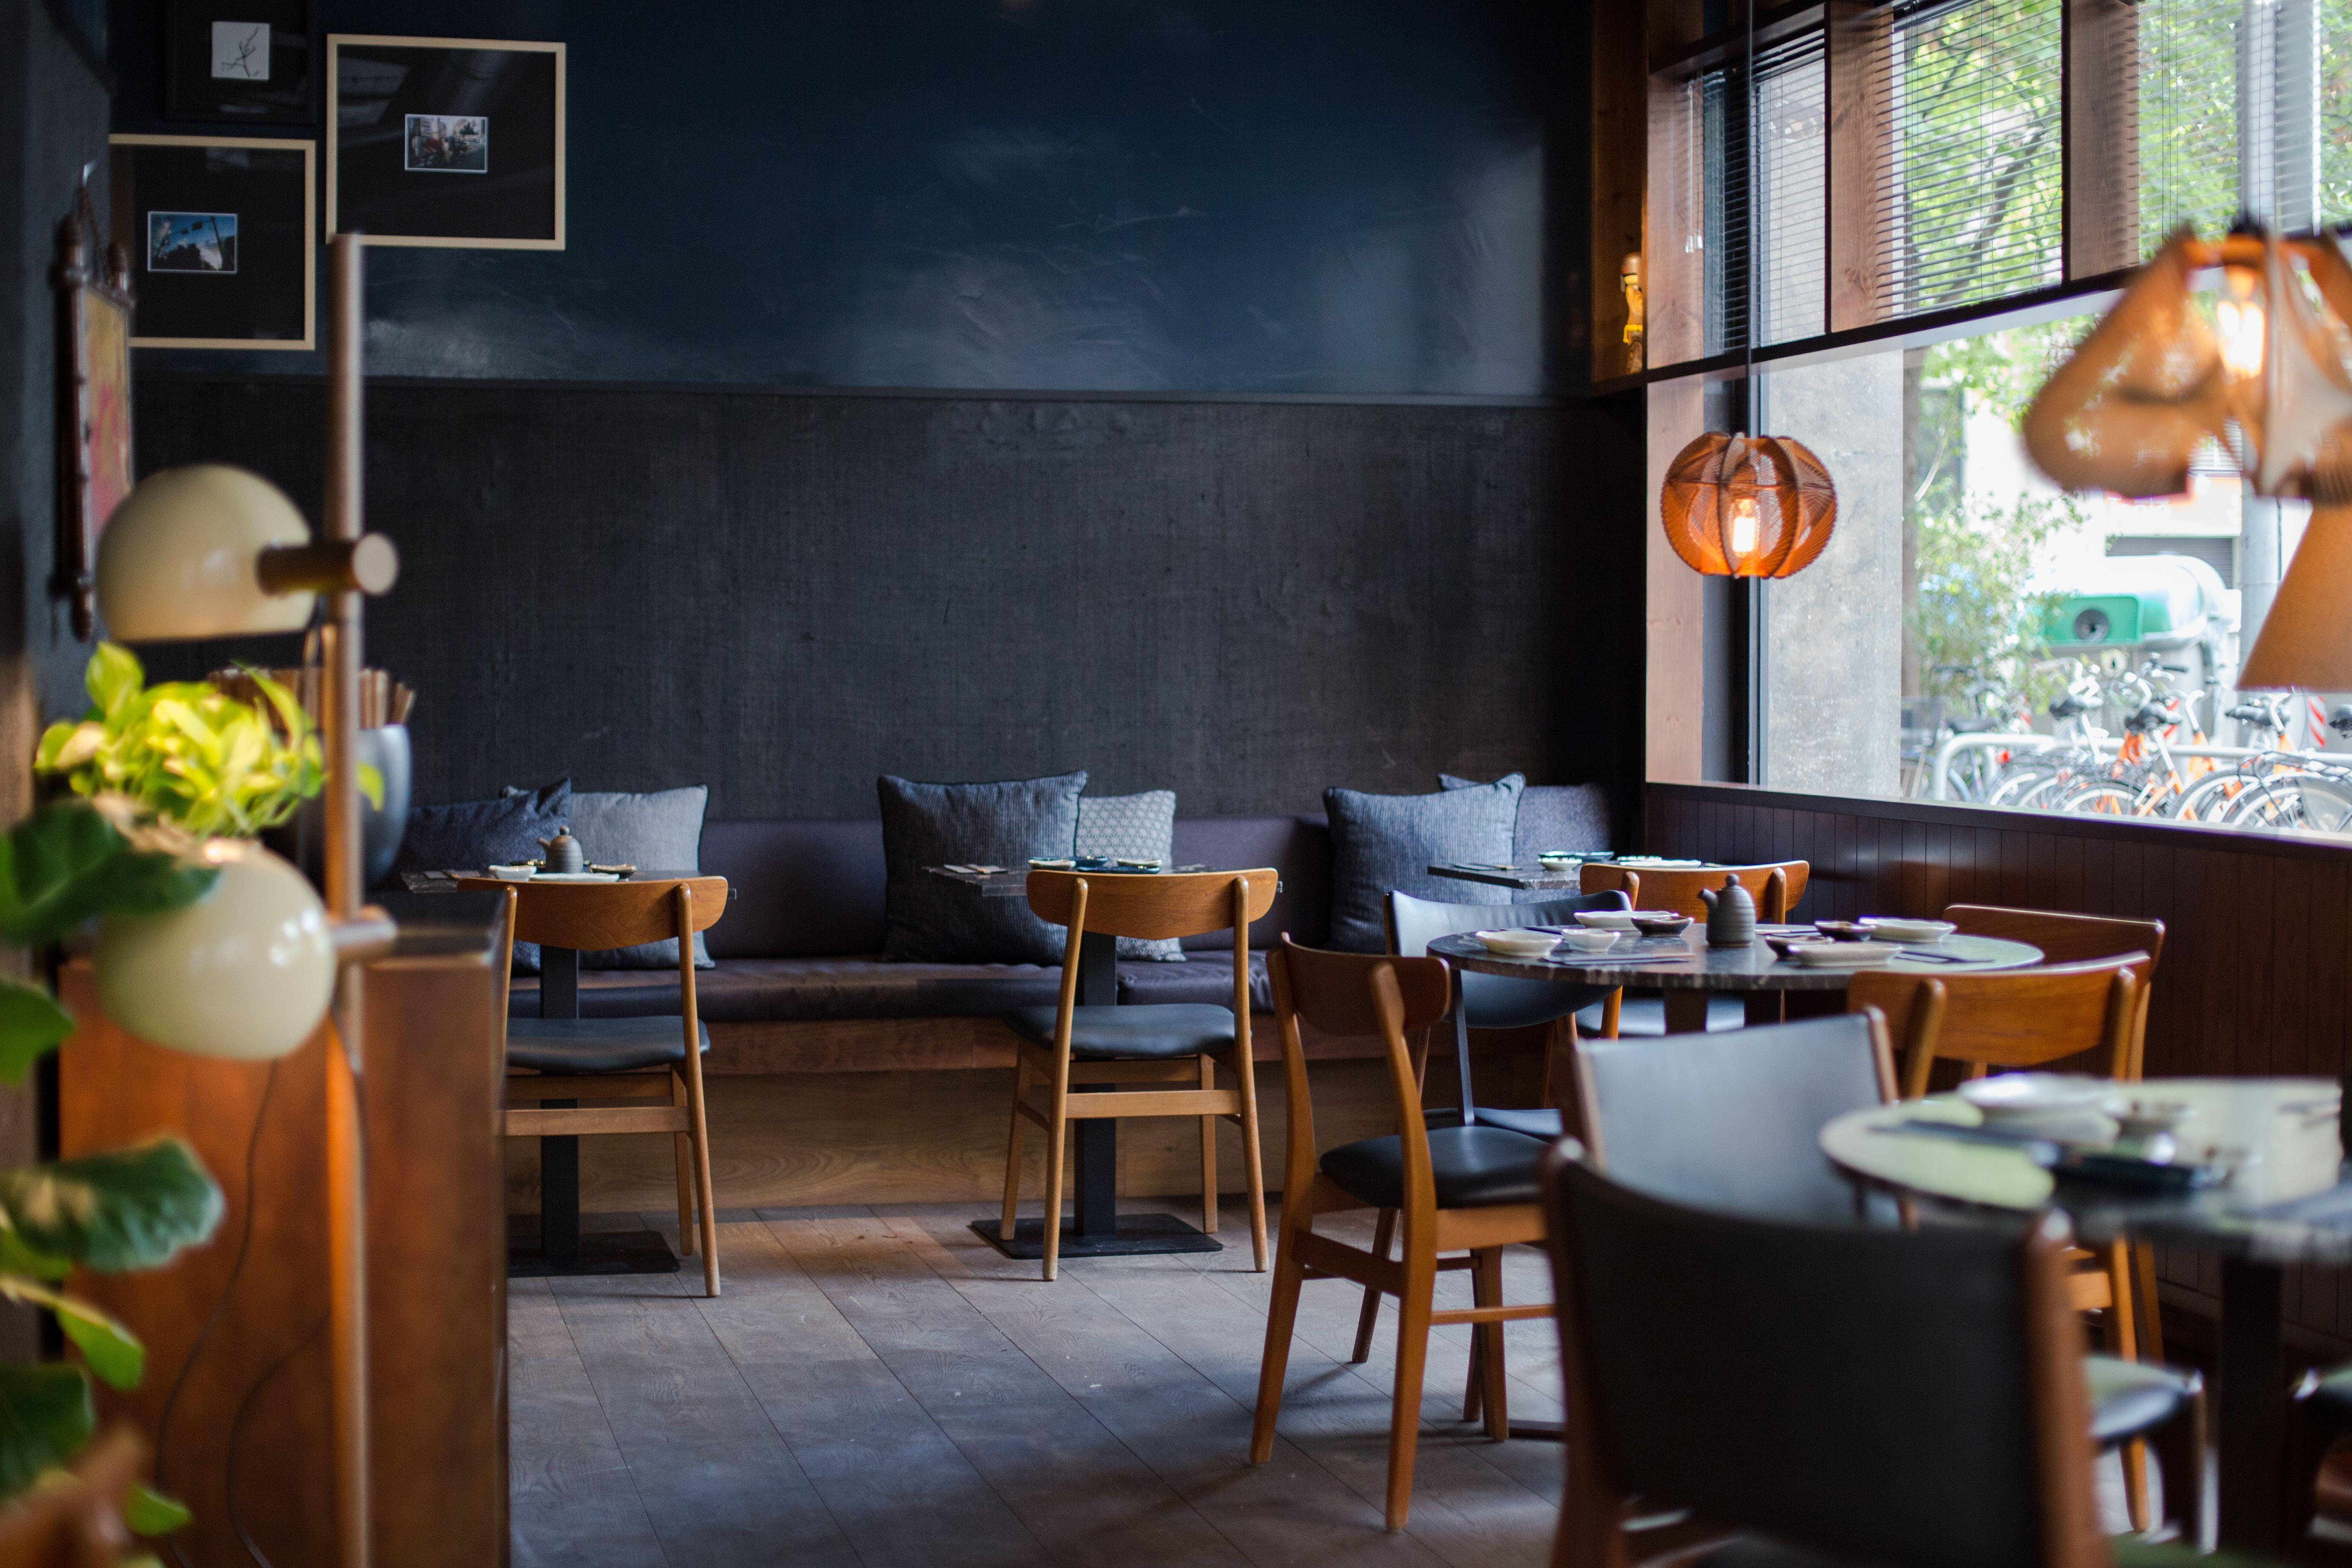 Emejing Eetkamer Borne Pictures - House Design Ideas 2018 - gunsho.us